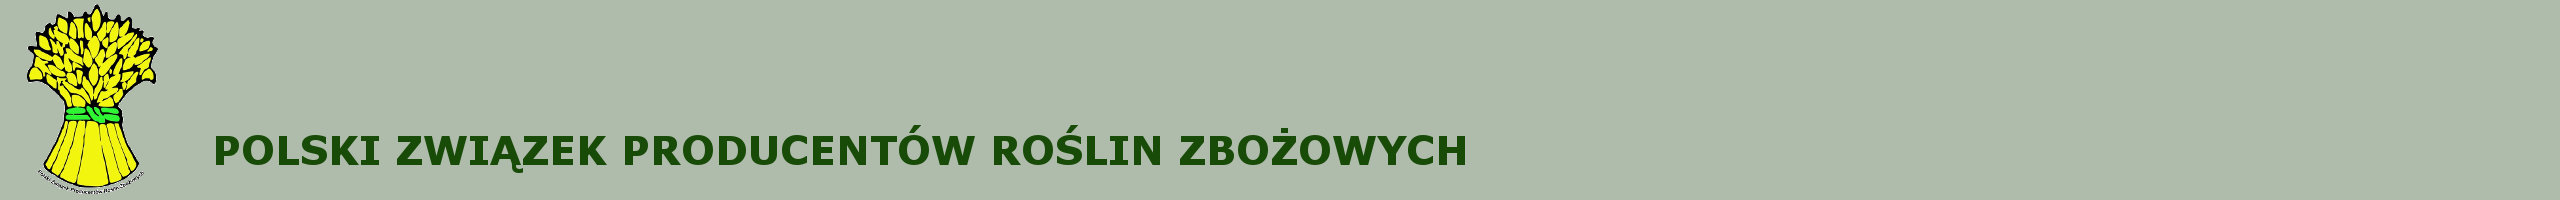 Polski Związek Producentów Roślin Zbożowych